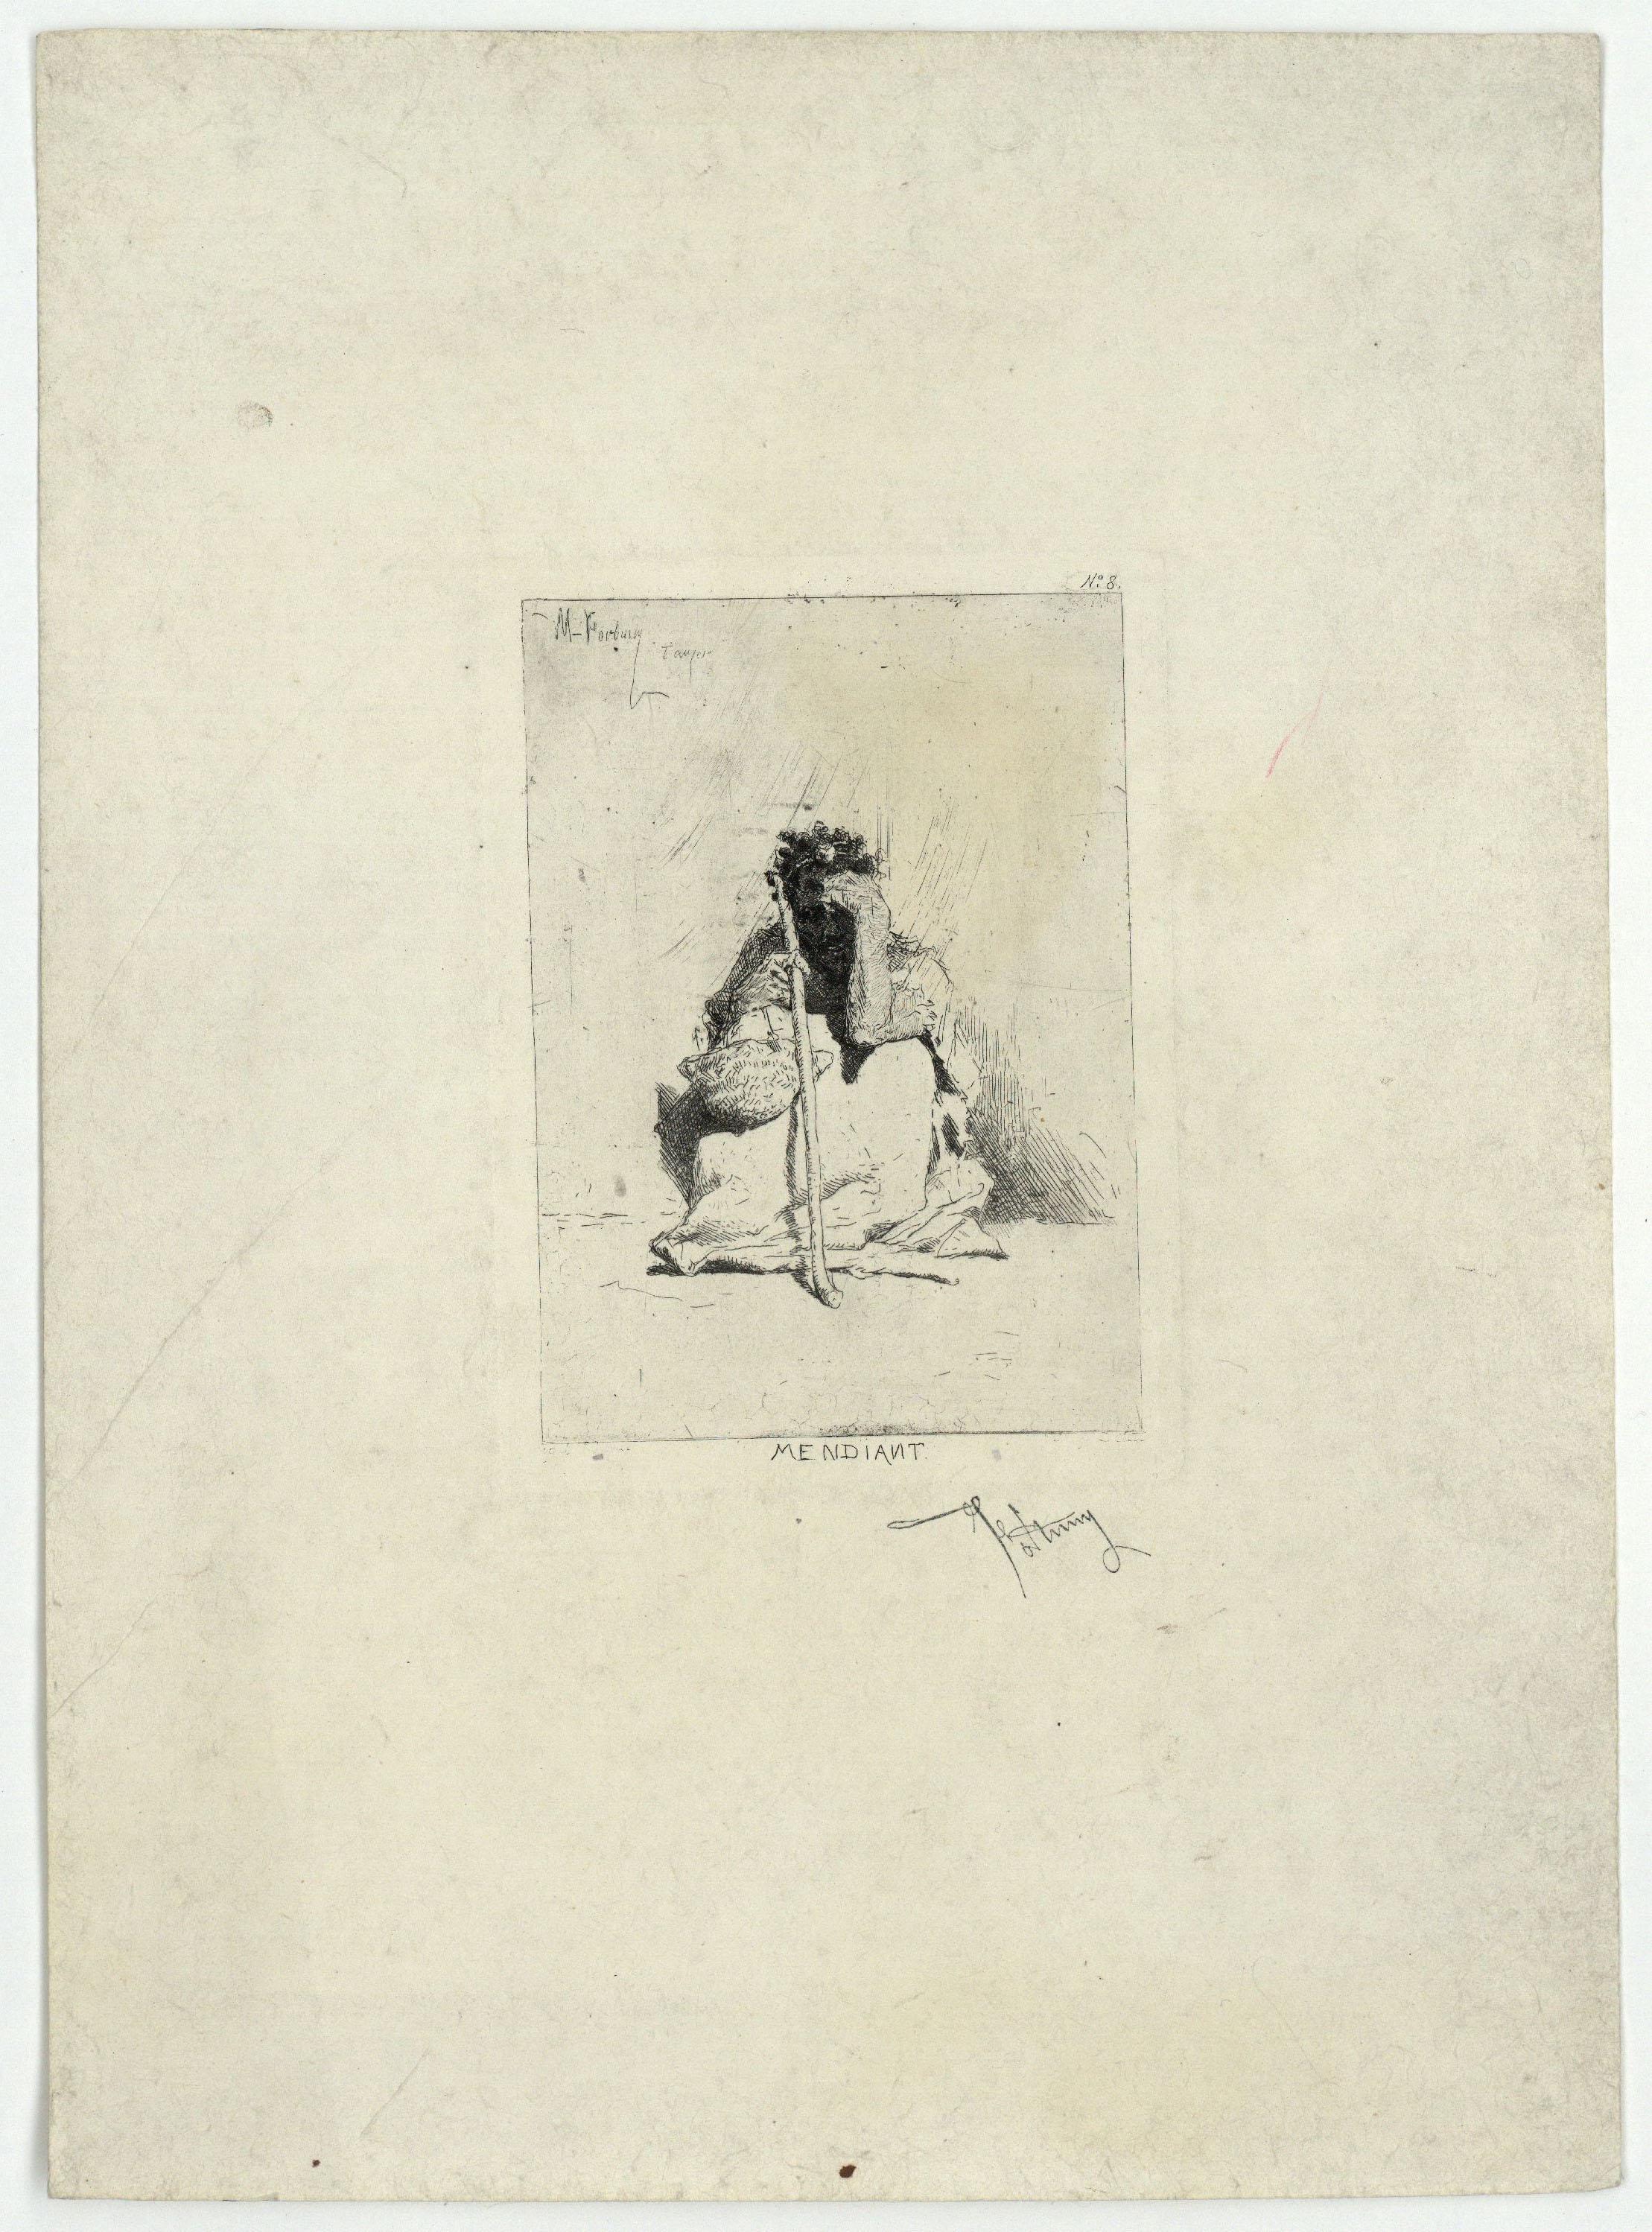 Marià Fortuny - Mendiant (Beggar) - After 1862